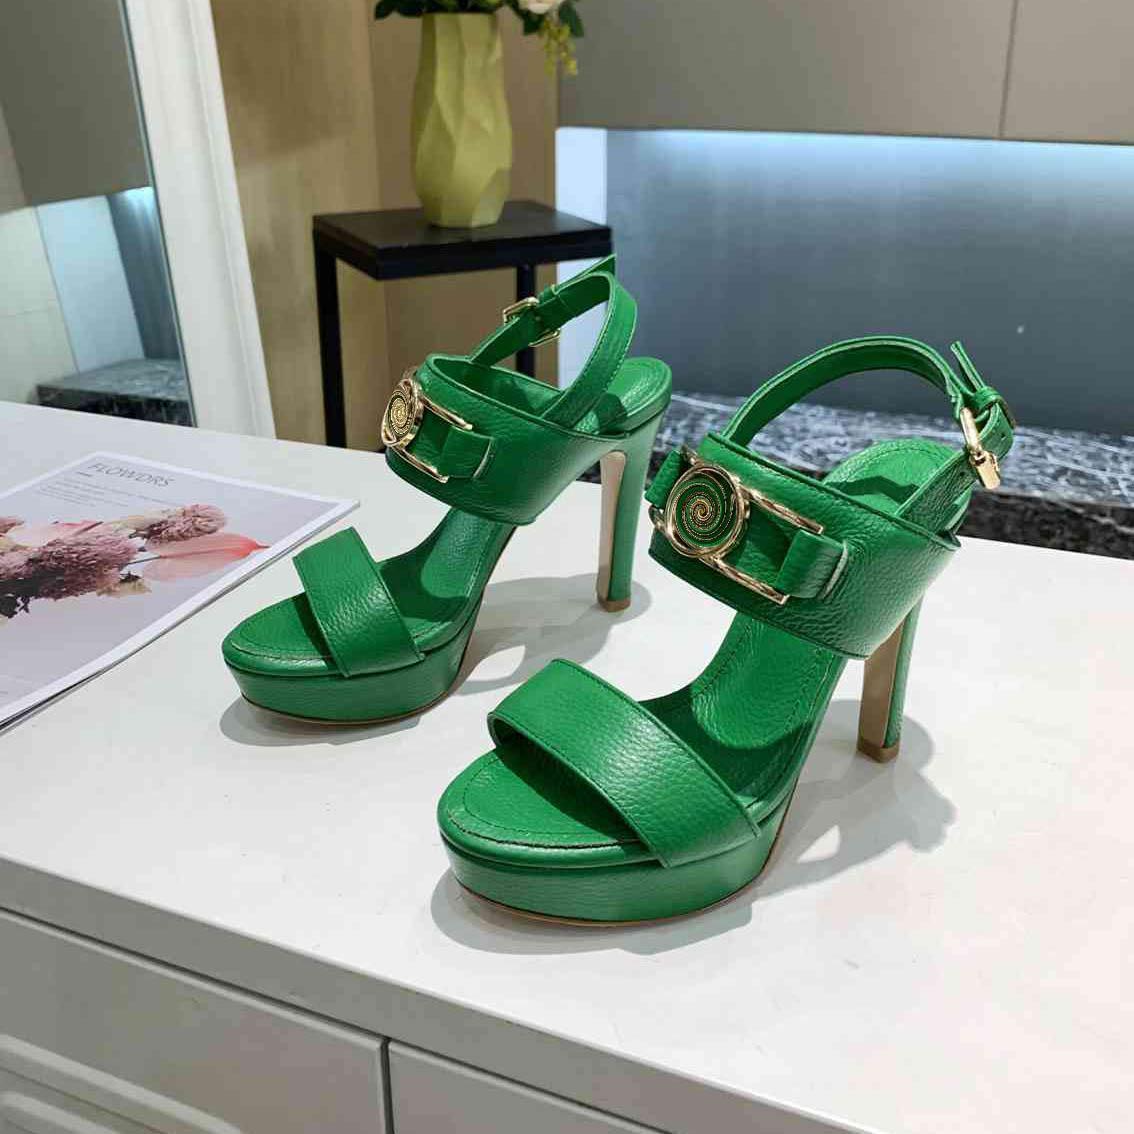 Дизайнерские женщины Высокие каблуки Сандалии модные пальцы ноги для ног на лошадях скользит вечеринка свадебные насосы с коробкой